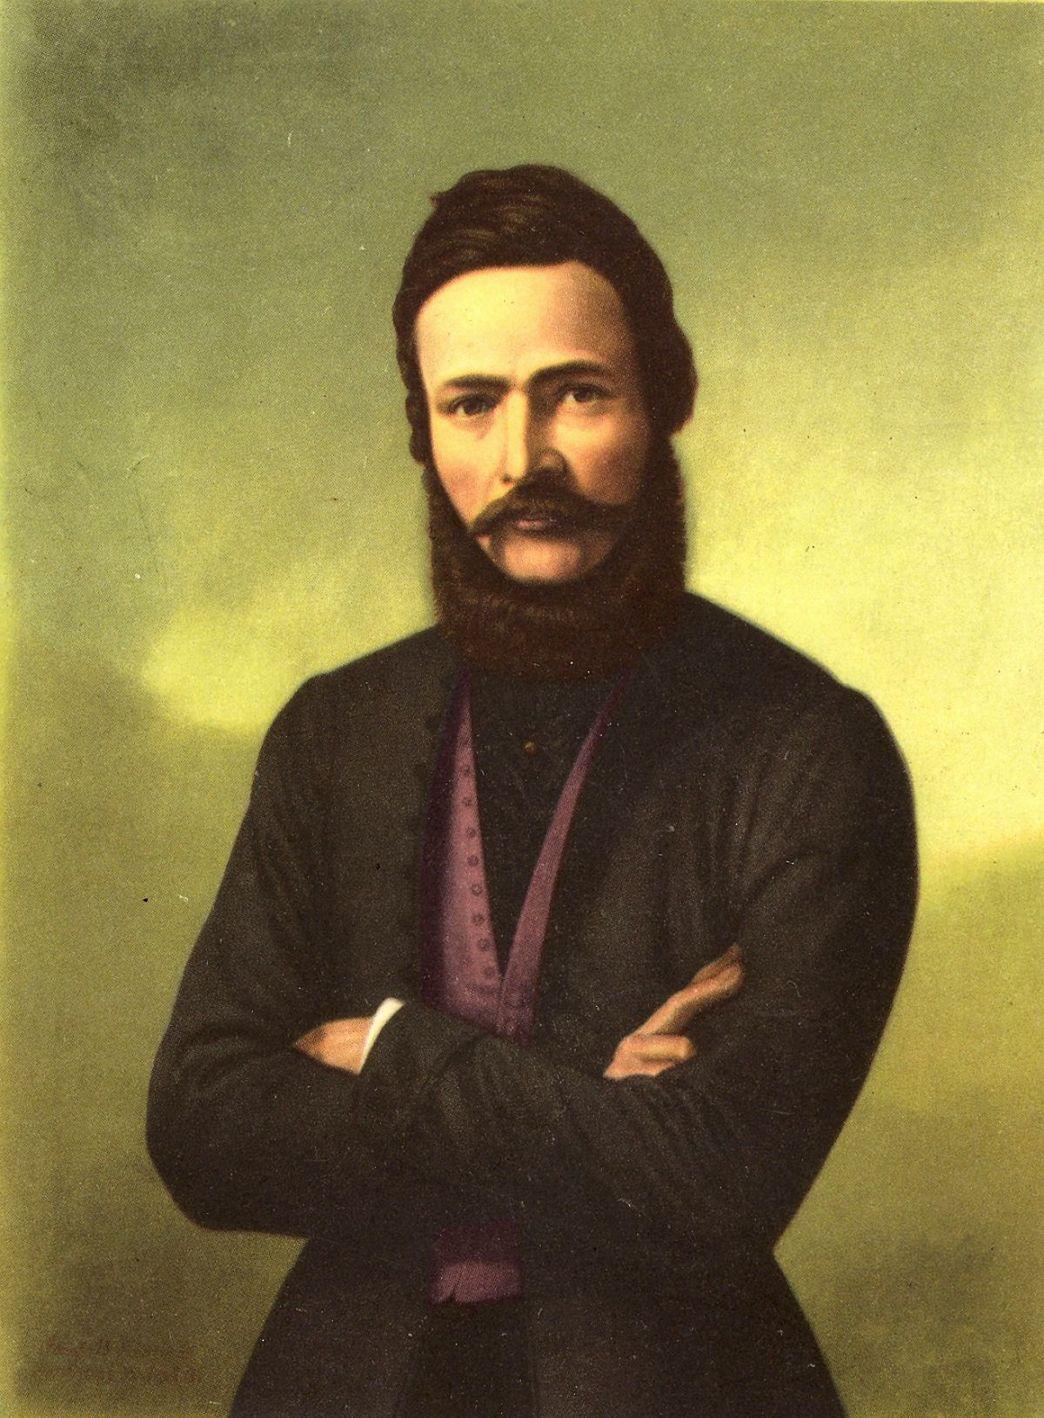 Portrét Ľudovíta Štúra od Jozefa B. Klemensa, namaľovaný podľa najvýstižnejšej podobizne - litografie Františka Kolářa z roku 1861, SNM.